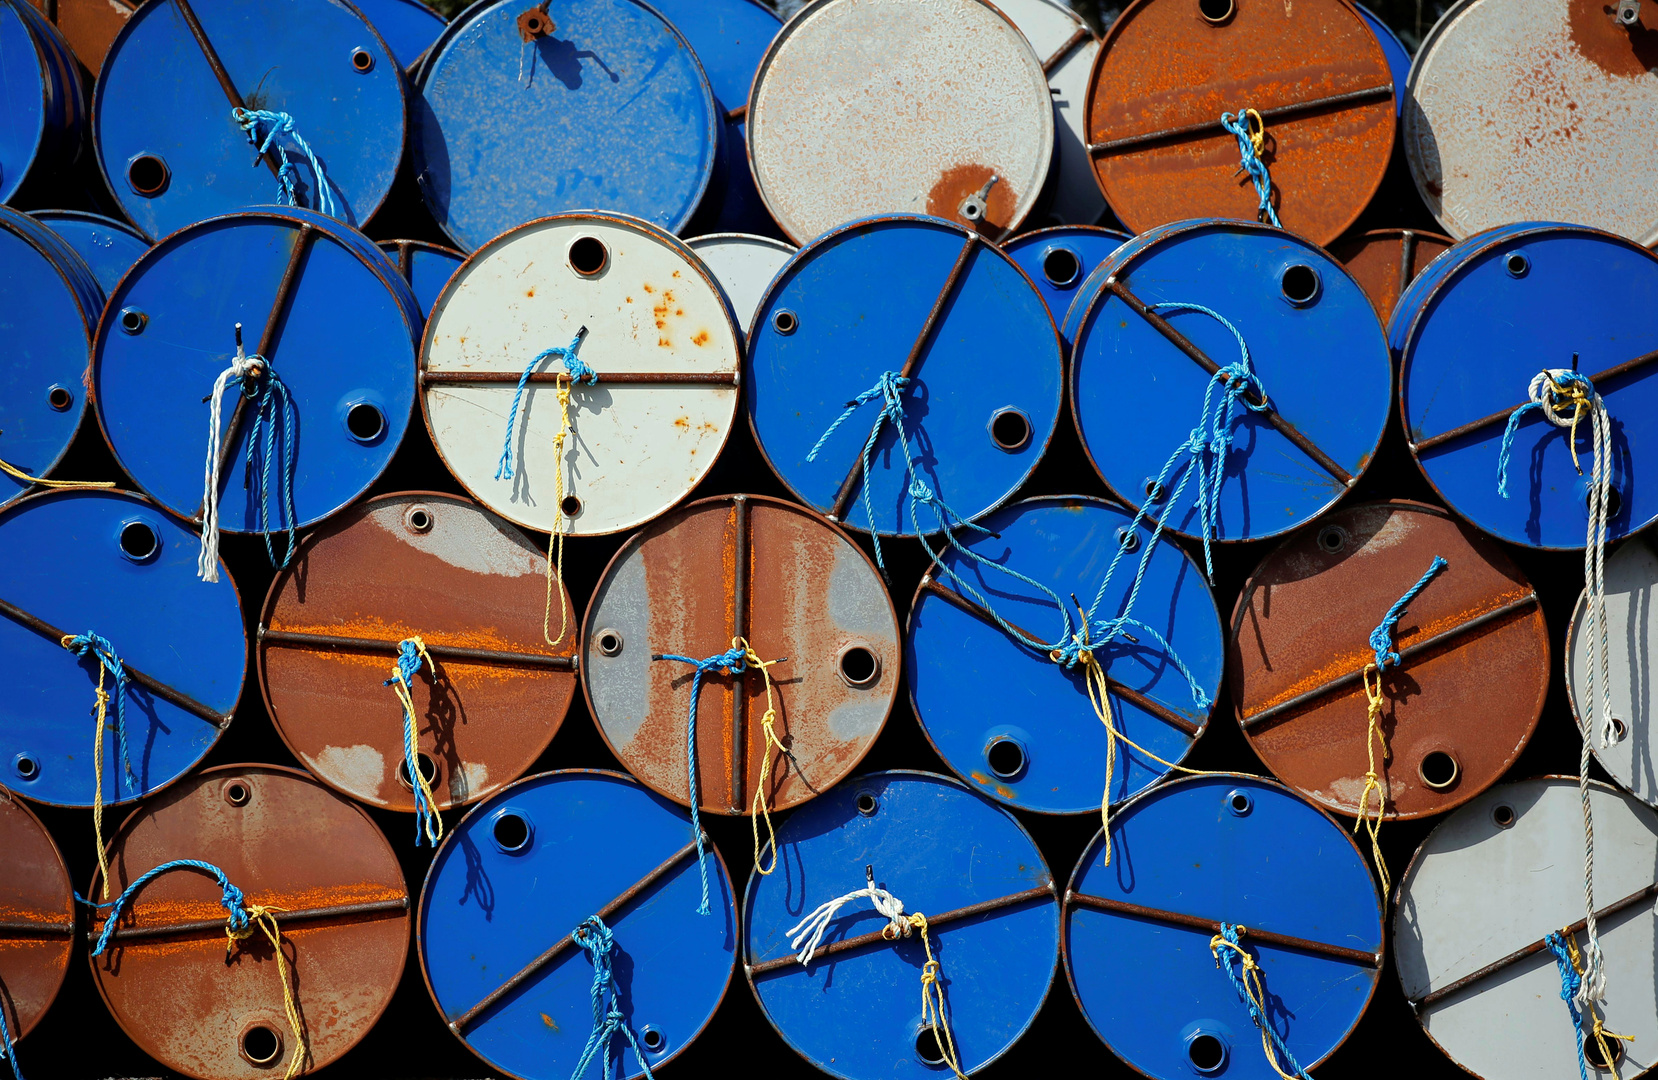 النفط يهبط بعد ارتفاع مخزونات البنزين الأمريكية